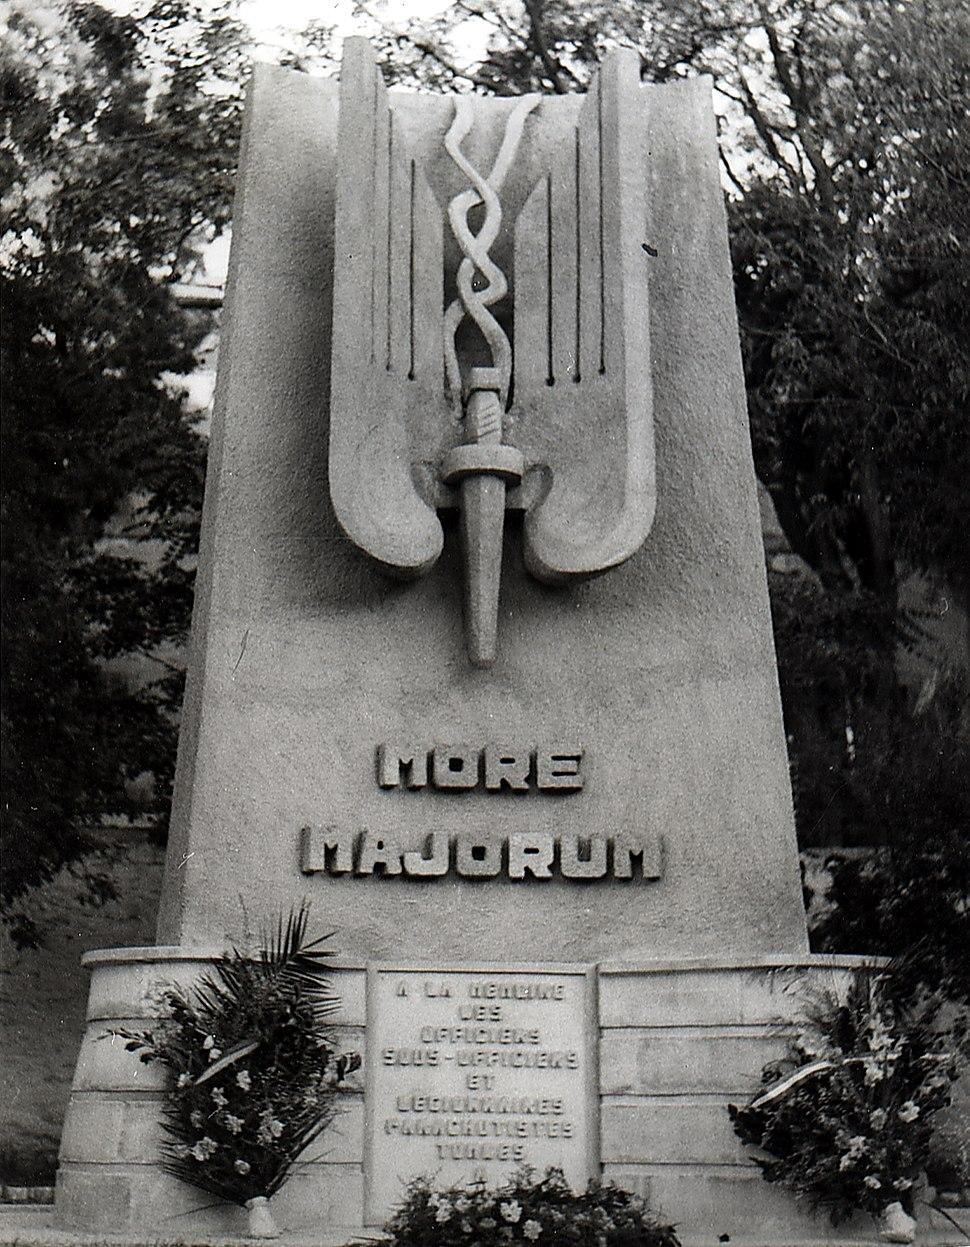 Monument aux morts legion para